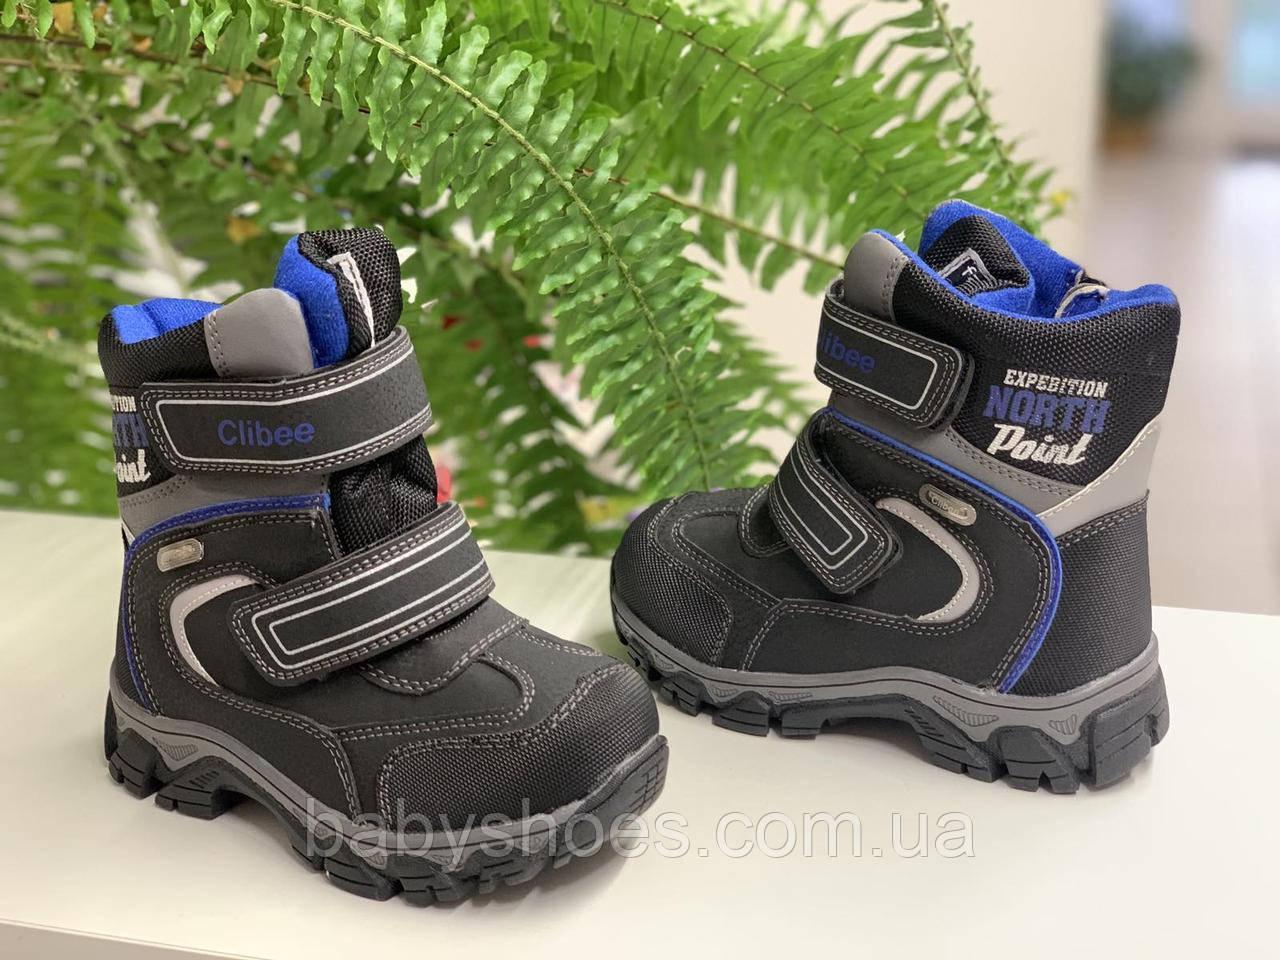 Зимние ботинки для мальчика, Clibee, черные, р.27-31, ЗМ-29